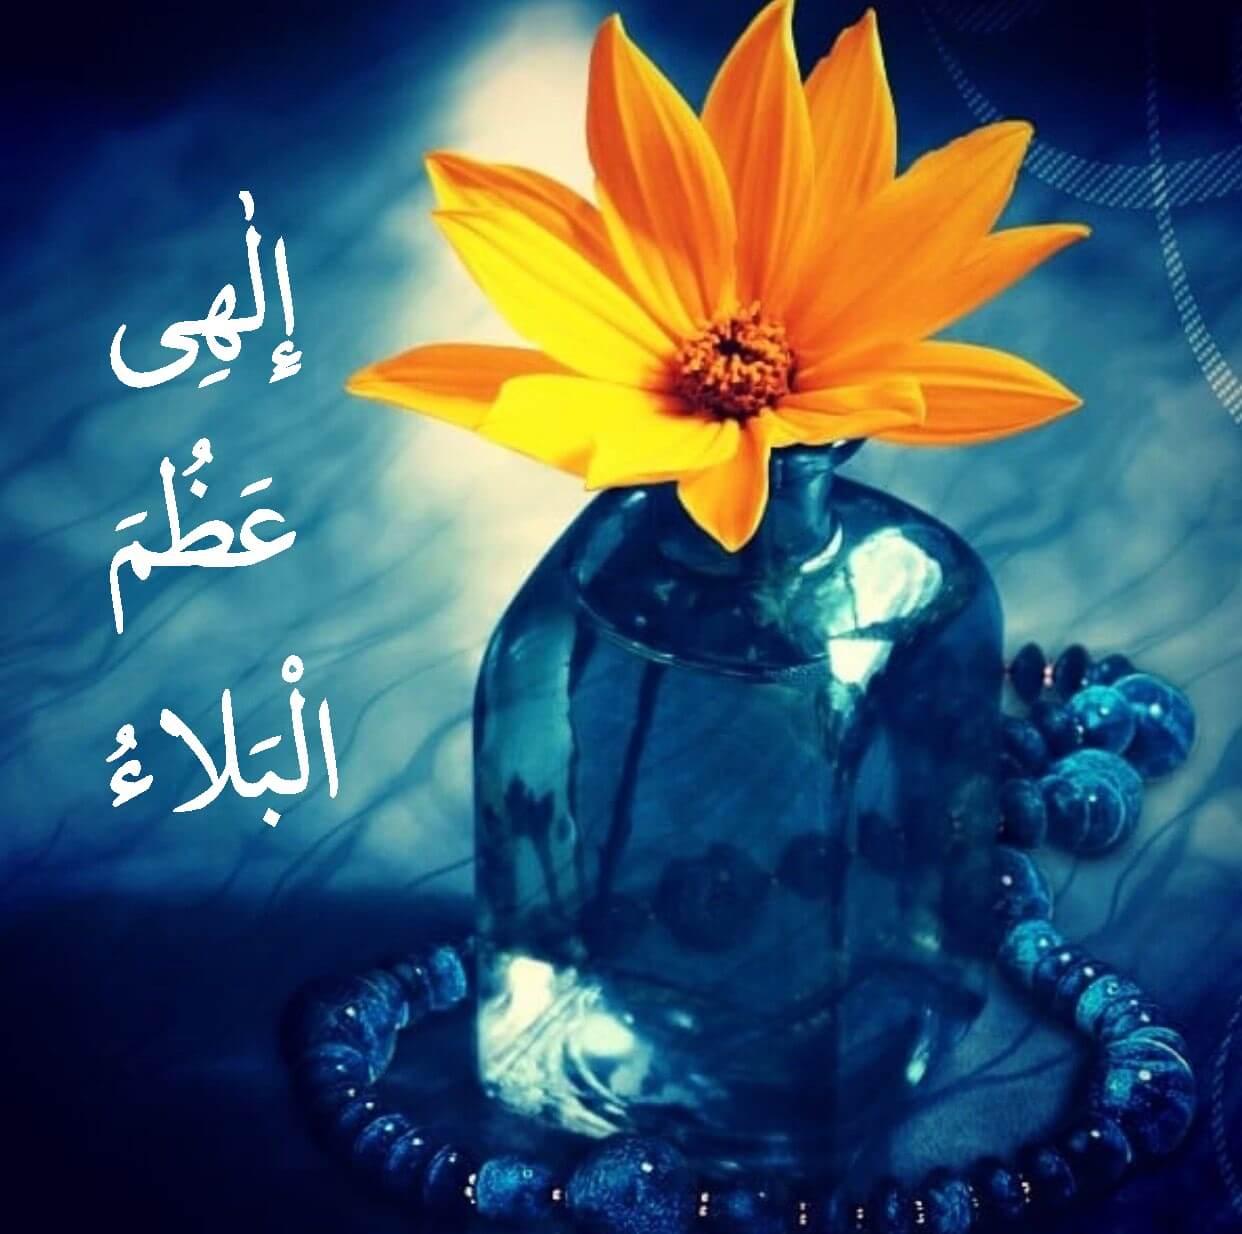 زیباترین عکس پروفایل دعای الهی عظم البلا